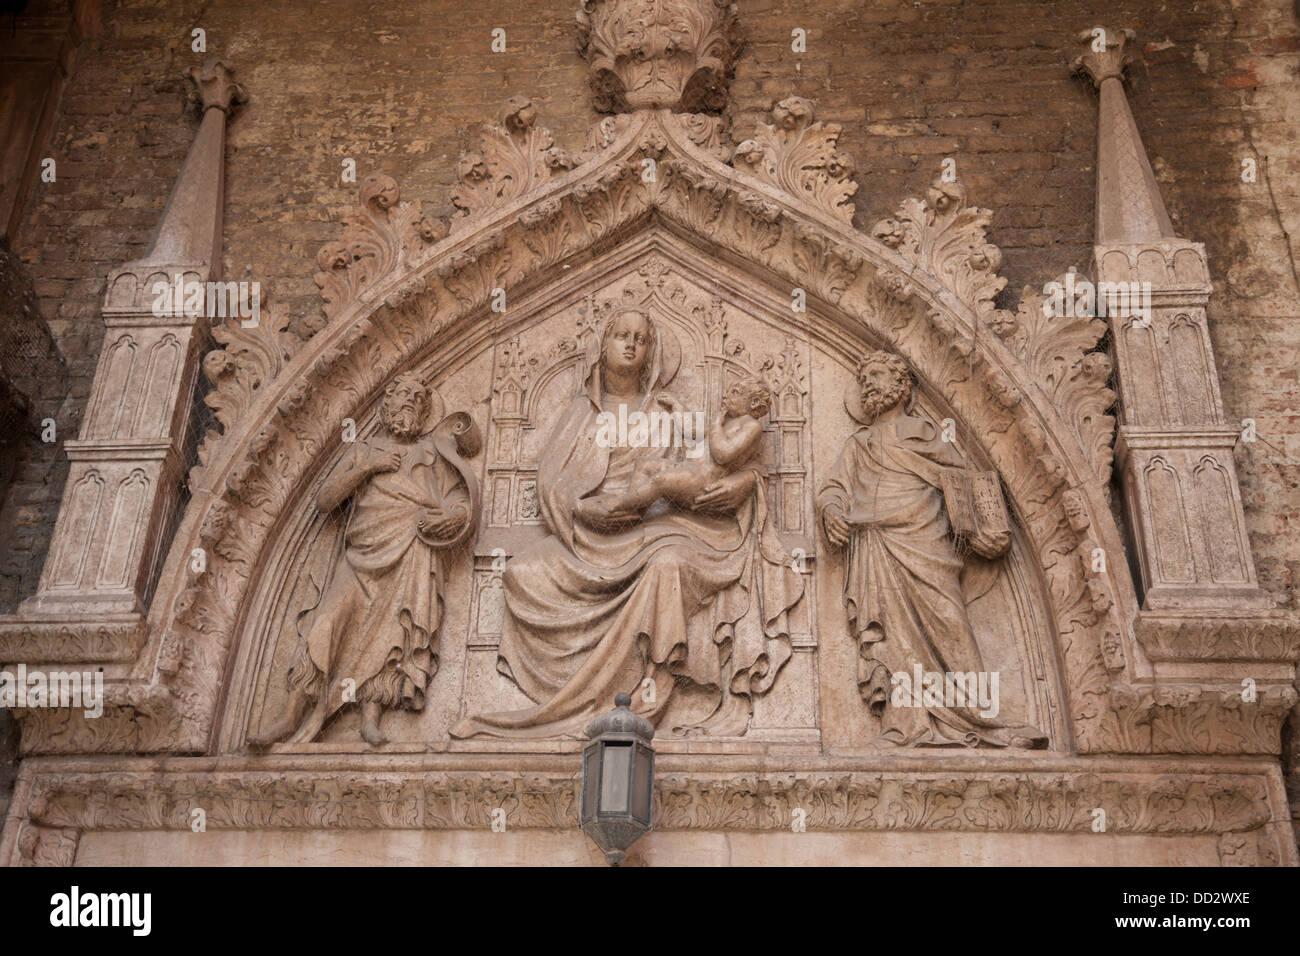 Una puerta de estilo gótico florido presentando Virgen María sosteniendo a Jesús, sat entronizada Imagen De Stock